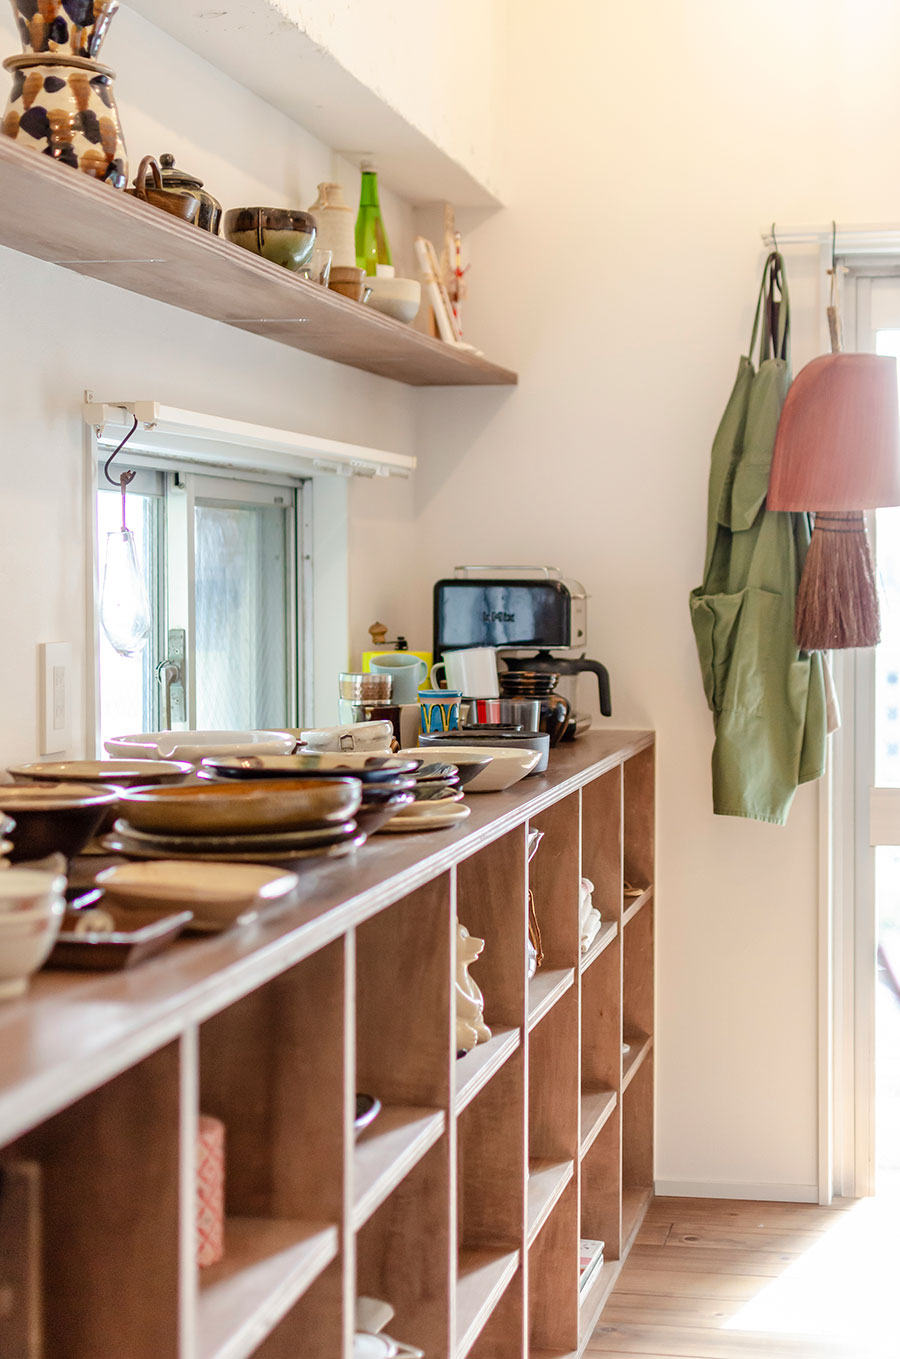 集めた食器を見せながら収納できる棚。